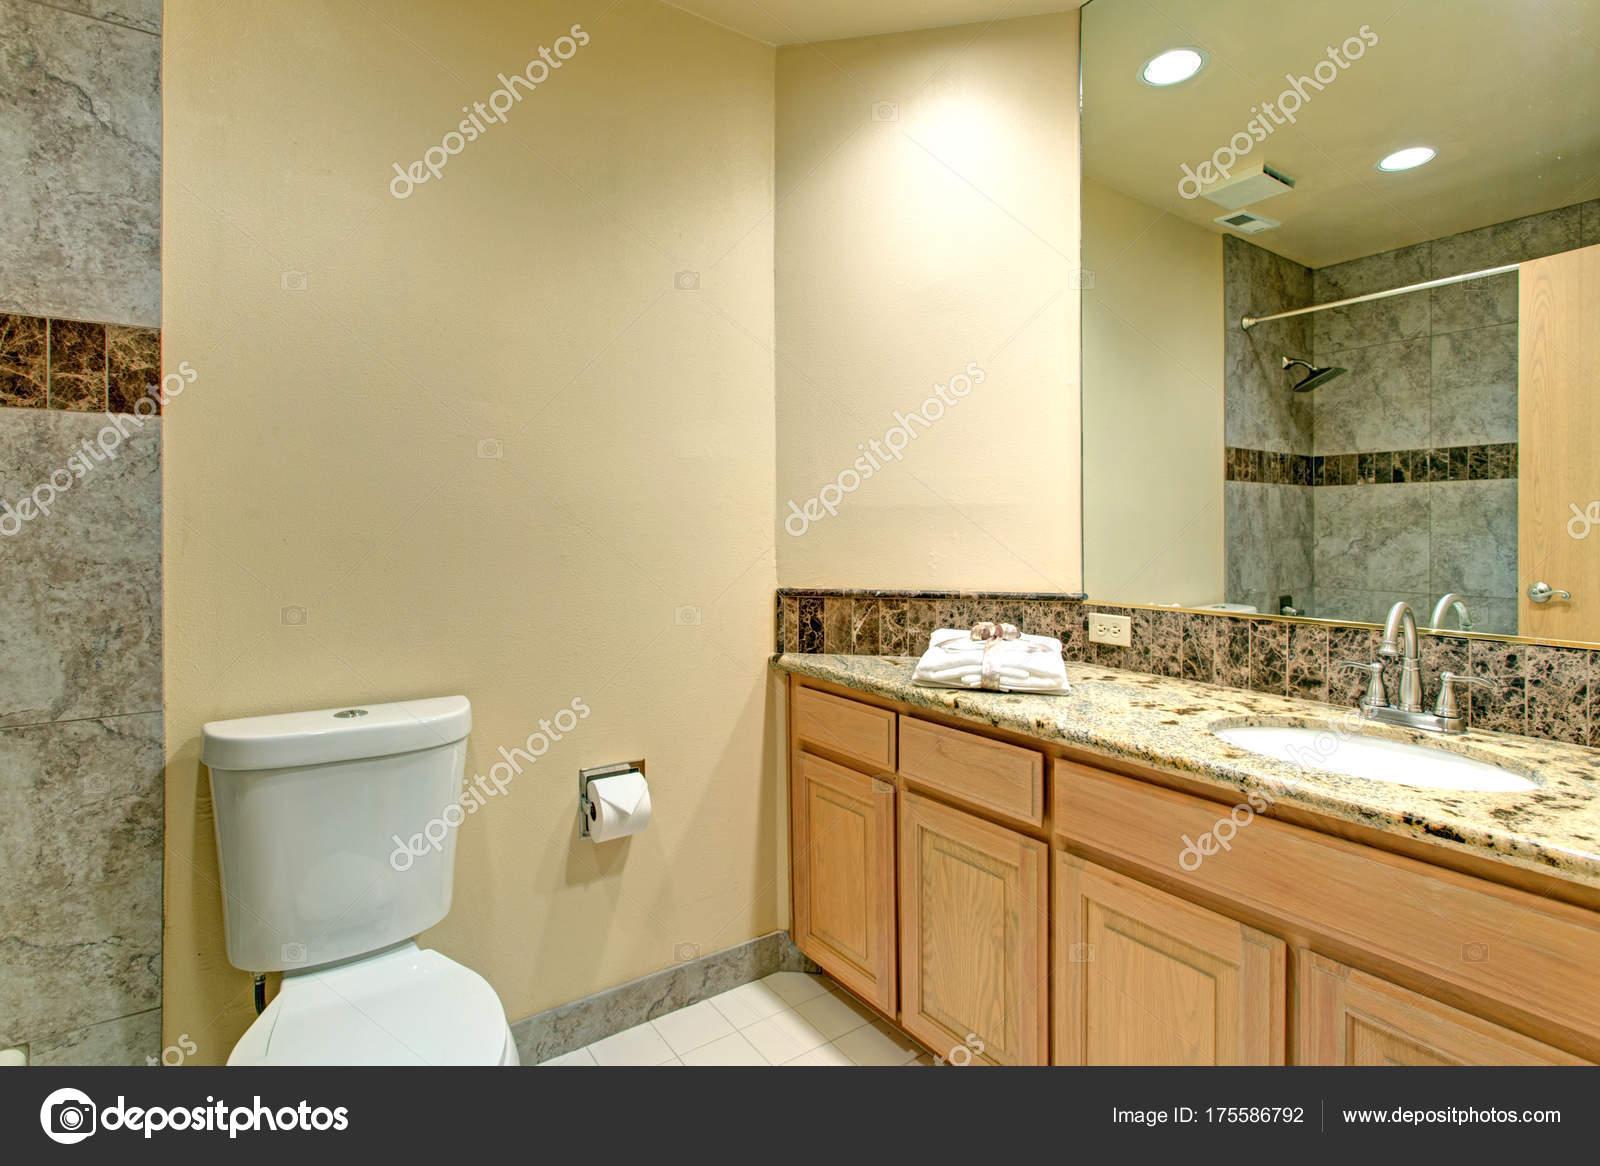 Design neutro bagno in marmo verde con piastrelle u2014 foto stock